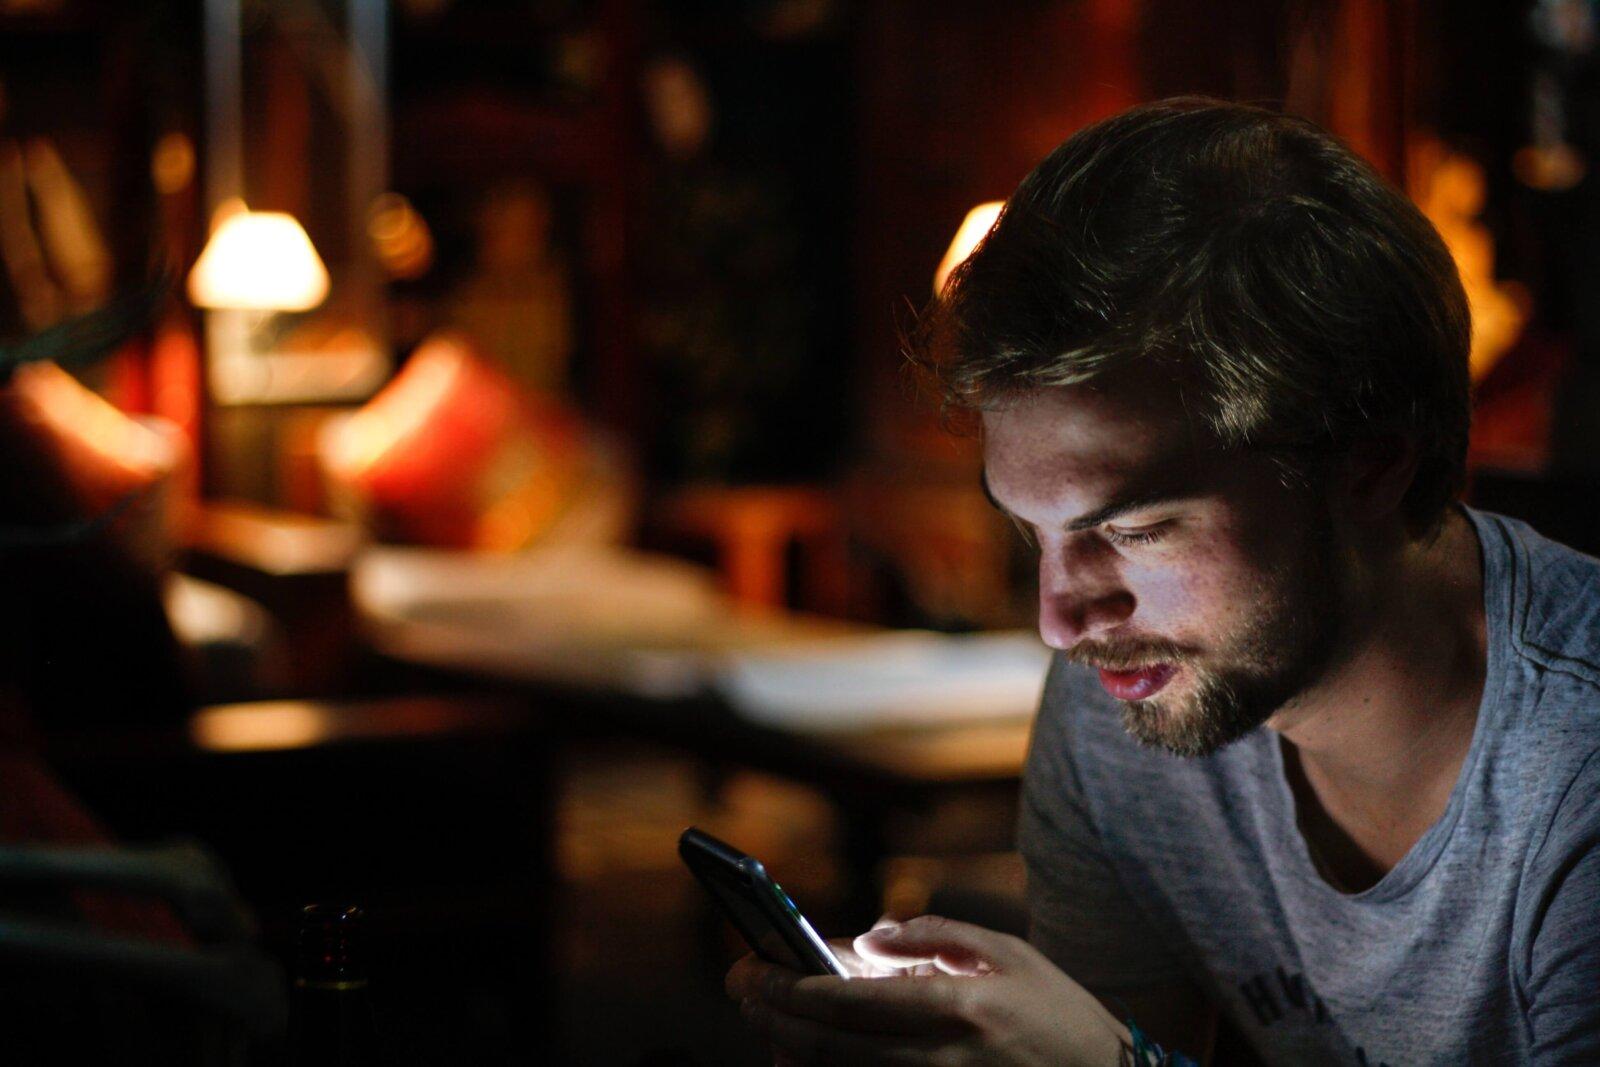 Заработать с телефона: на приложениях+способы